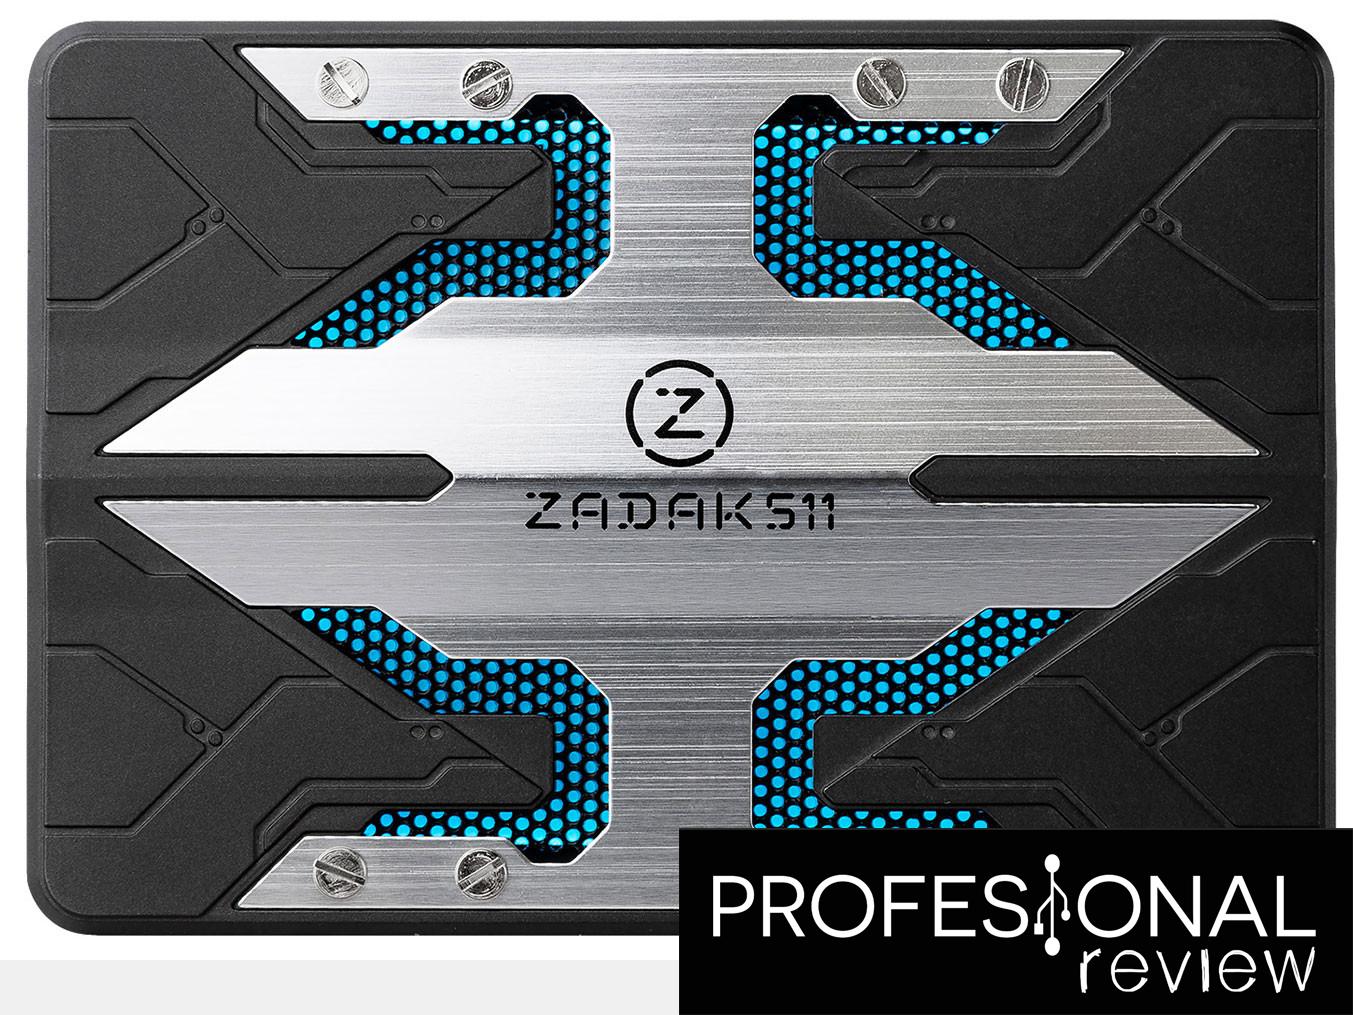 El SSD de ZADAK511 incluye iluminación RGB